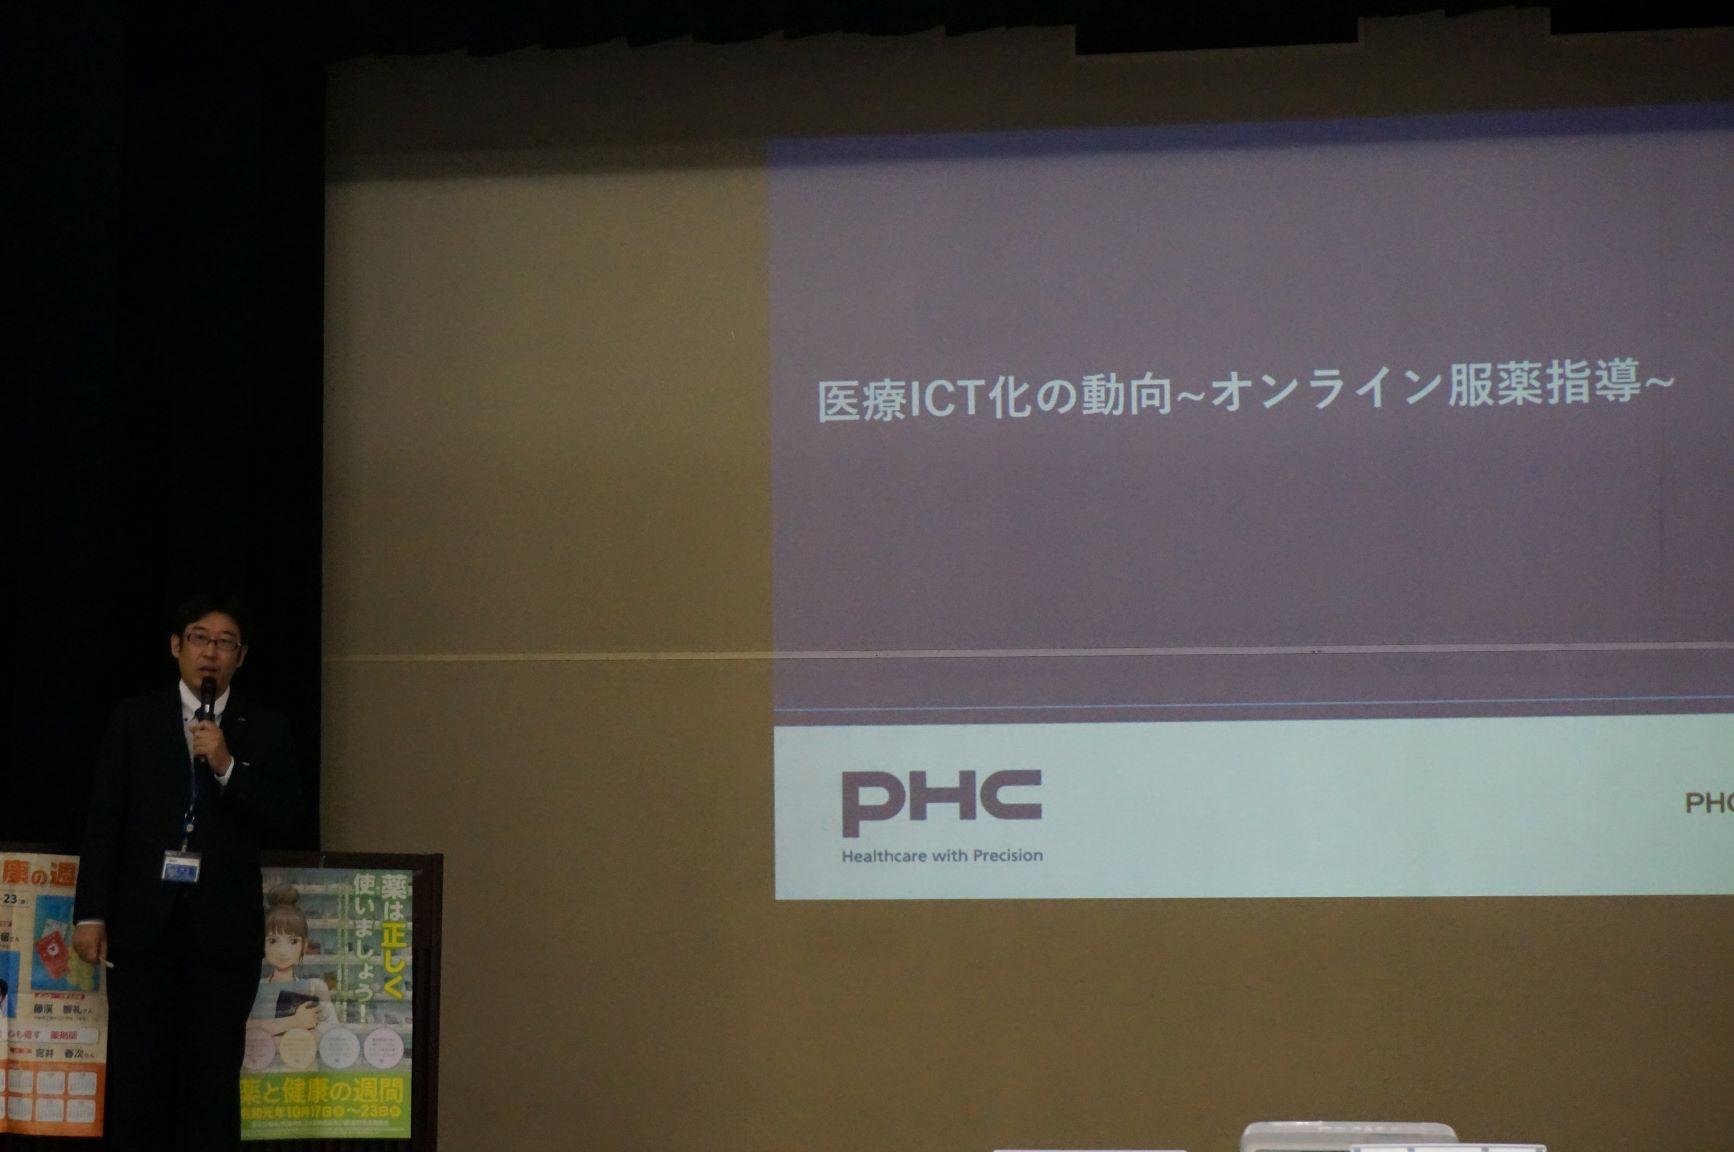 PHC オンライン医療